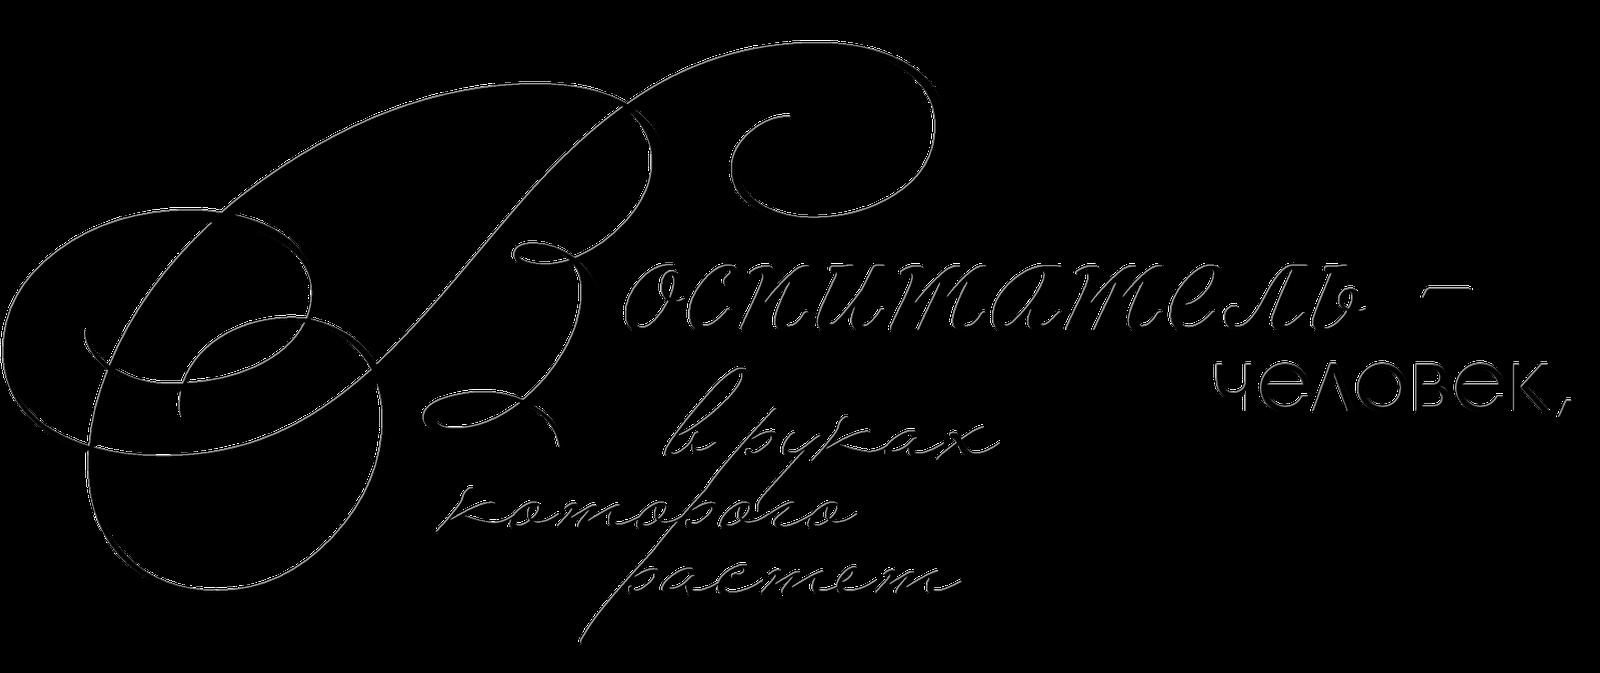 Сочинение по русскому языку на тему Социальные сети - за и